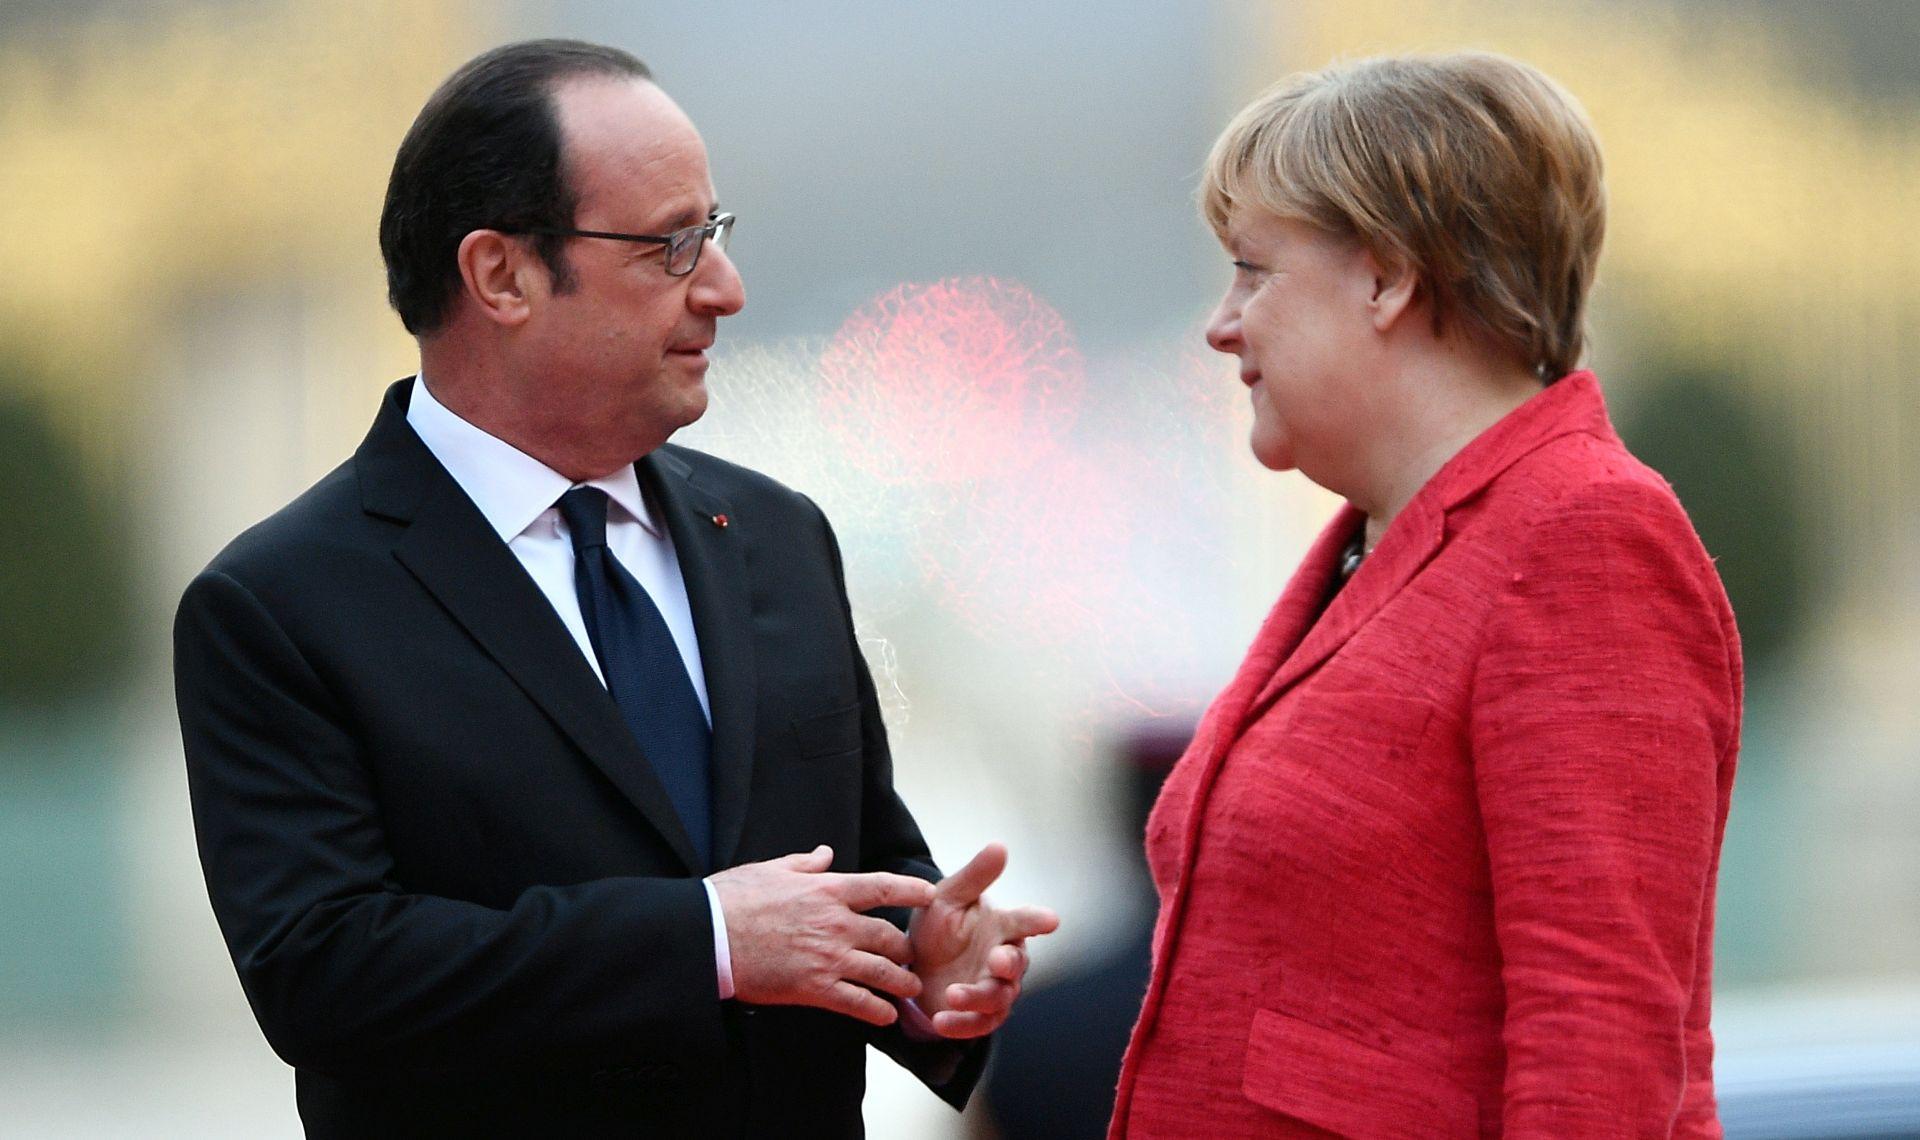 Merkel prima Hollandea u oproštajni posjet nakon francuskih izbora